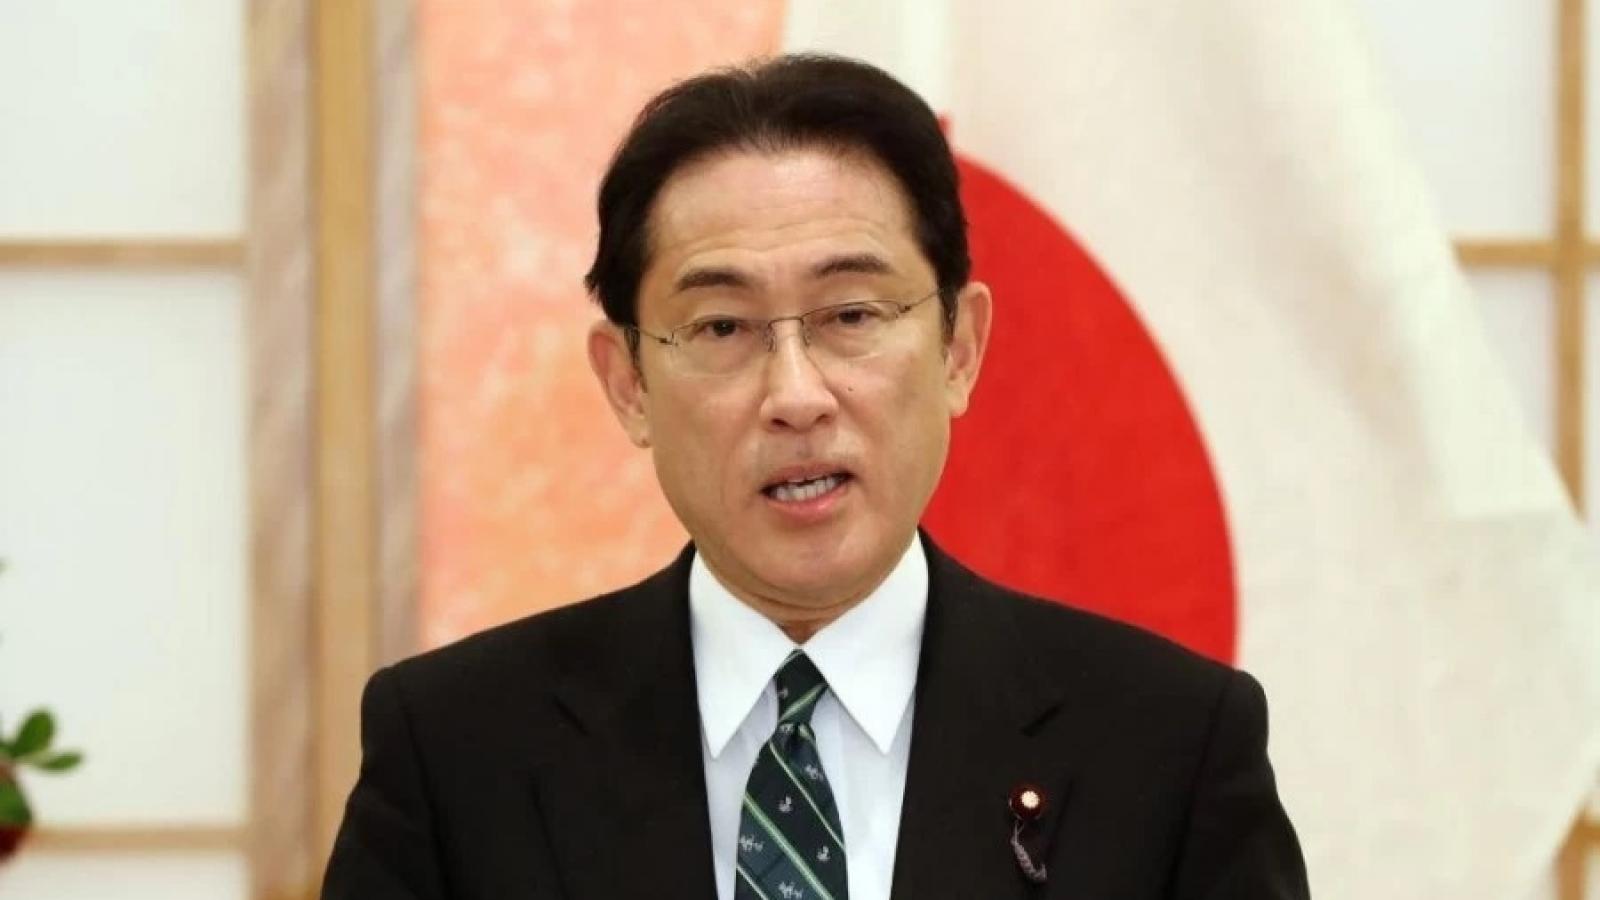 Thách thức và kỳ vọng đối với tân Thủ tướng Nhật Bản KishidaFumio